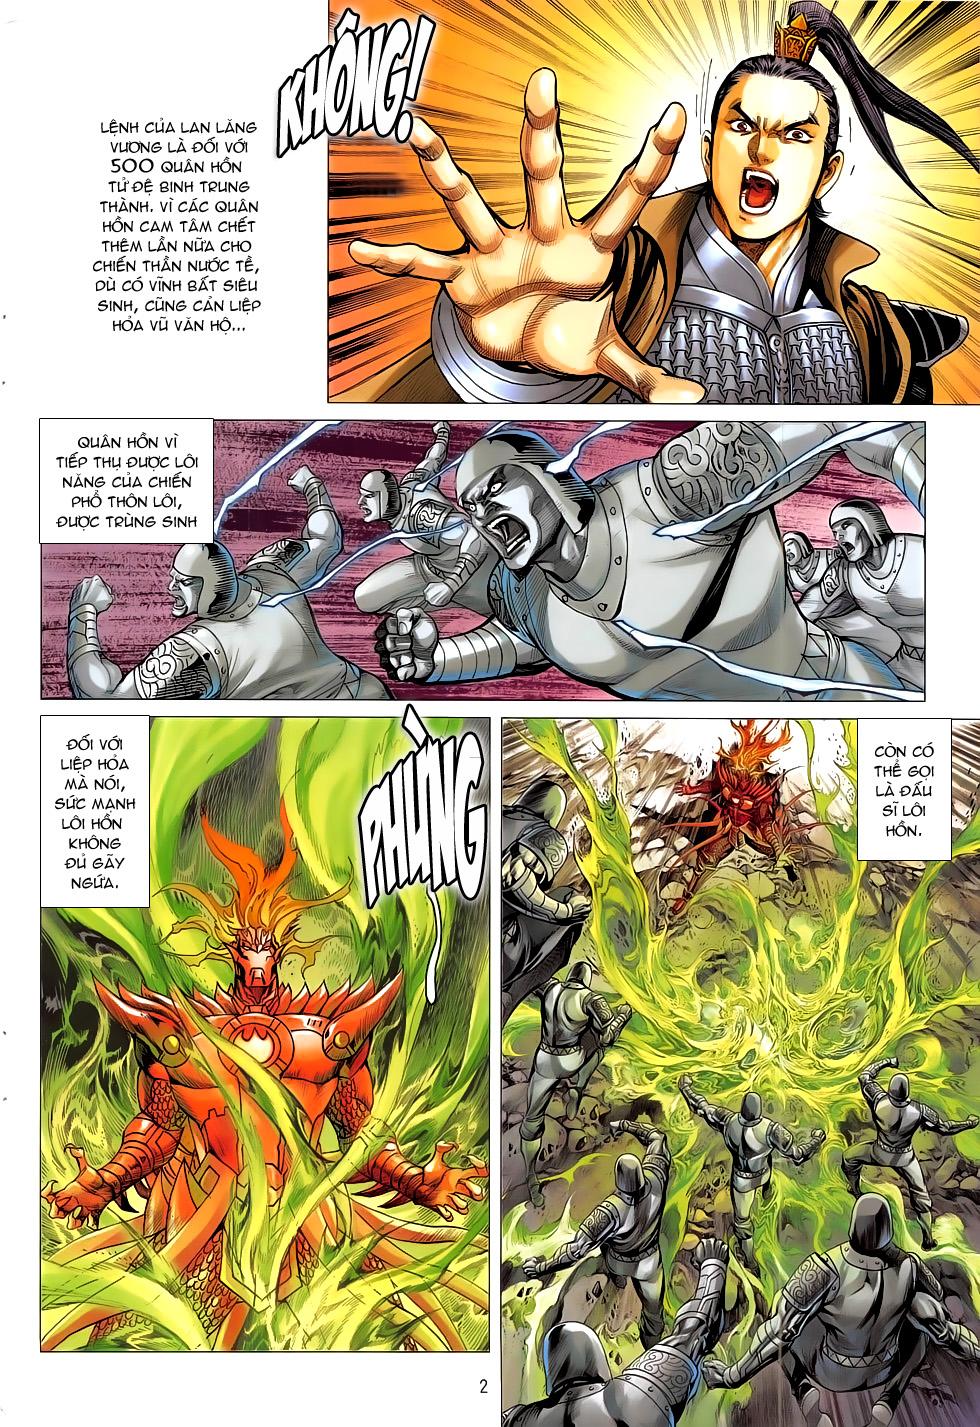 Chiến Phổ chapter 17: chiến thần phẫn nộ trang 2